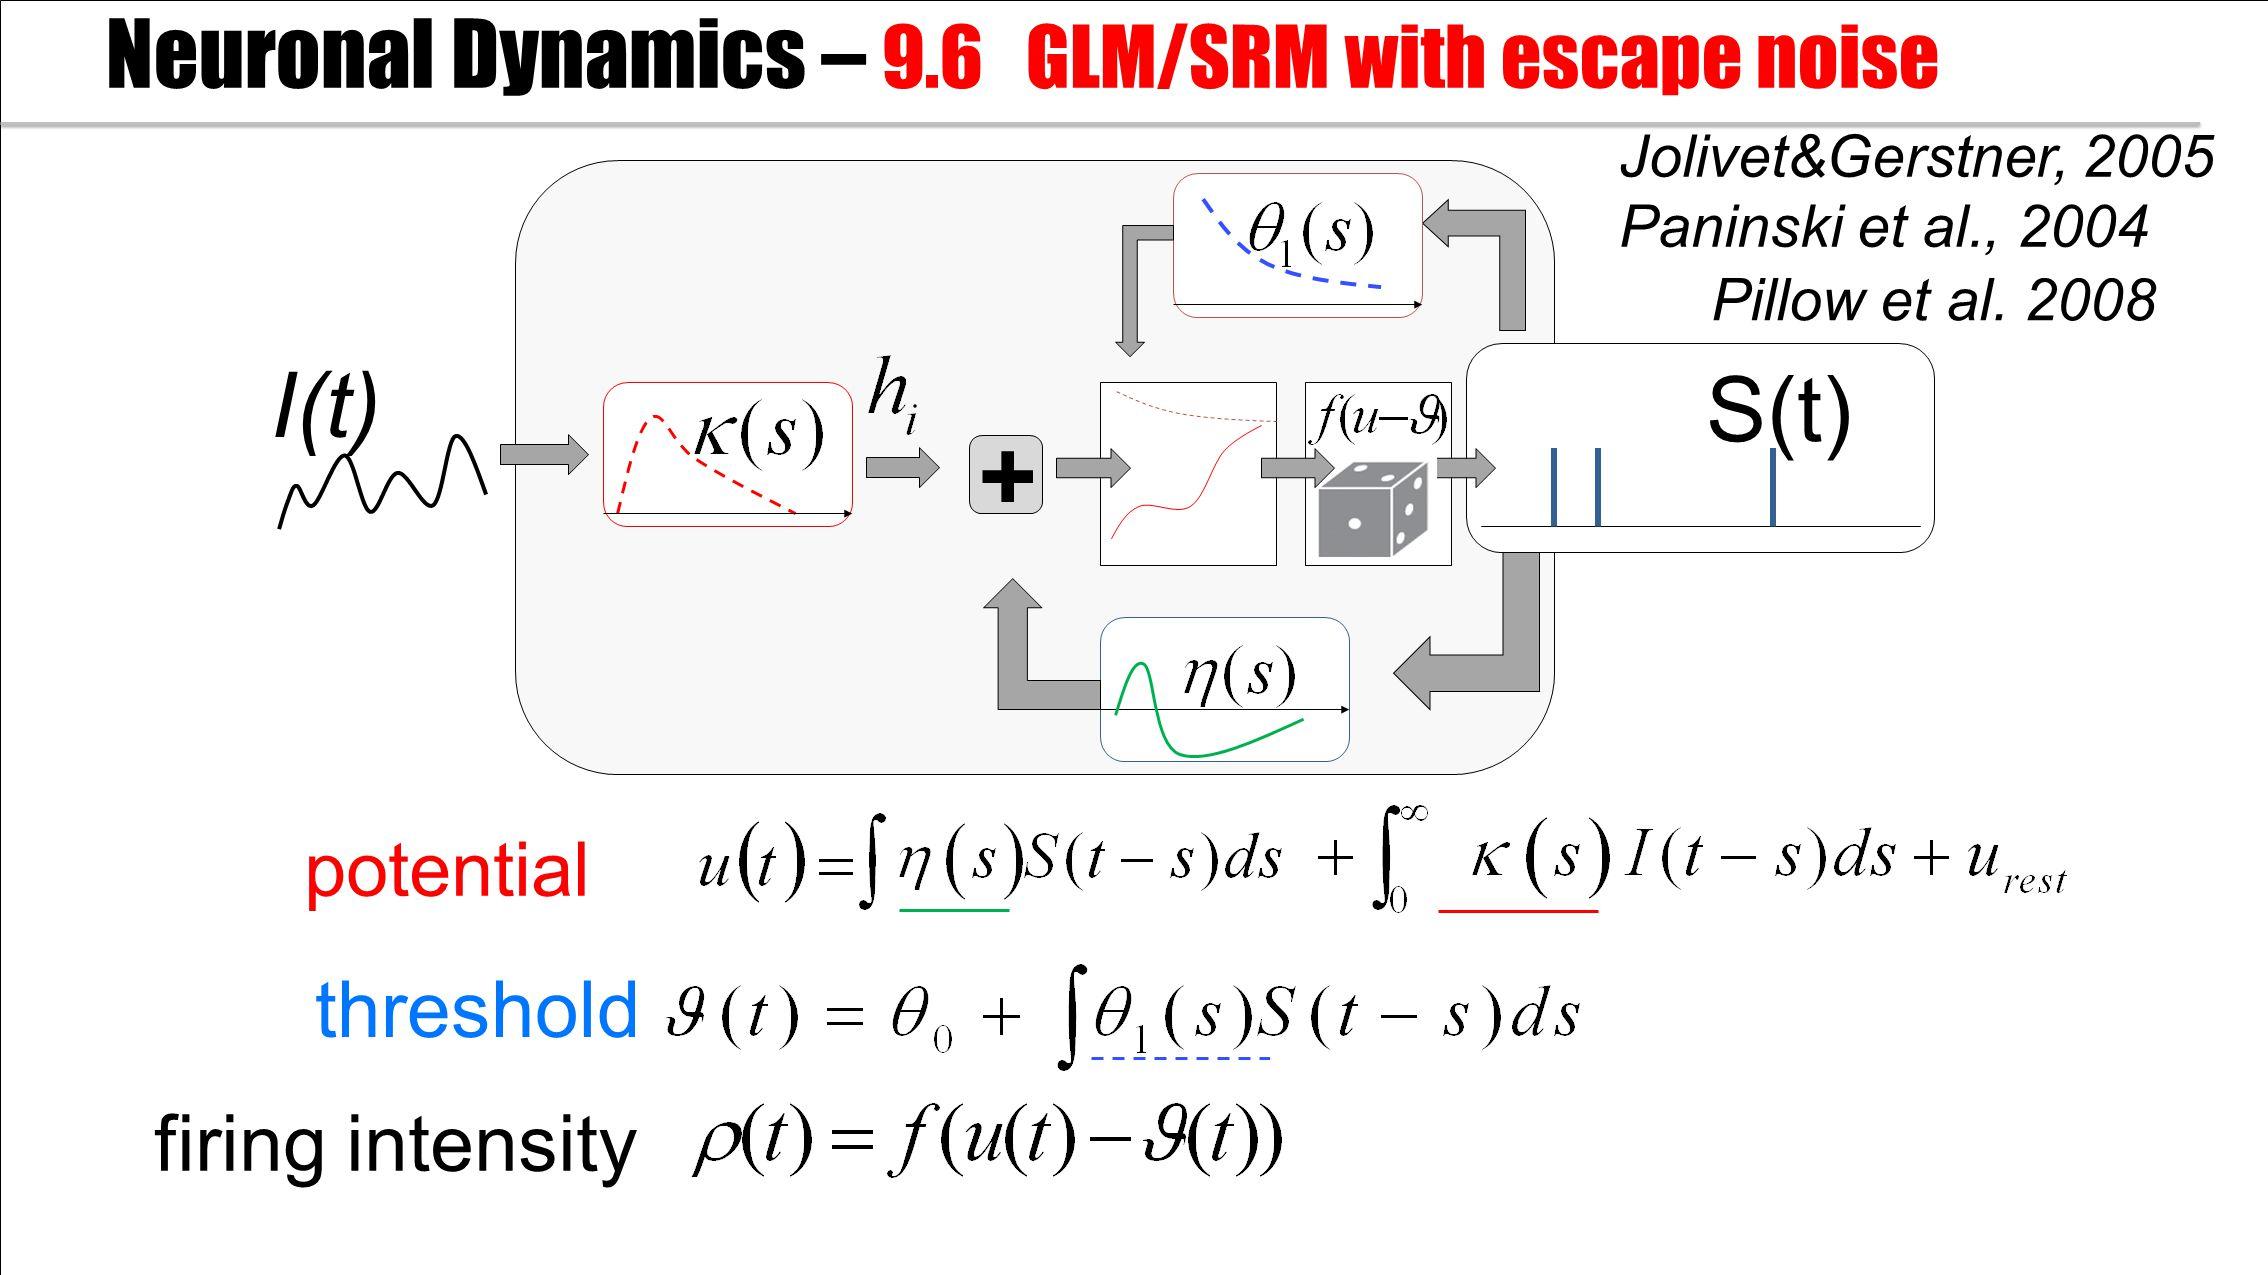 potential threshold firing intensity I(t) S(t) + Jolivet&Gerstner, 2005 Paninski et al., 2004 Pillow et al.